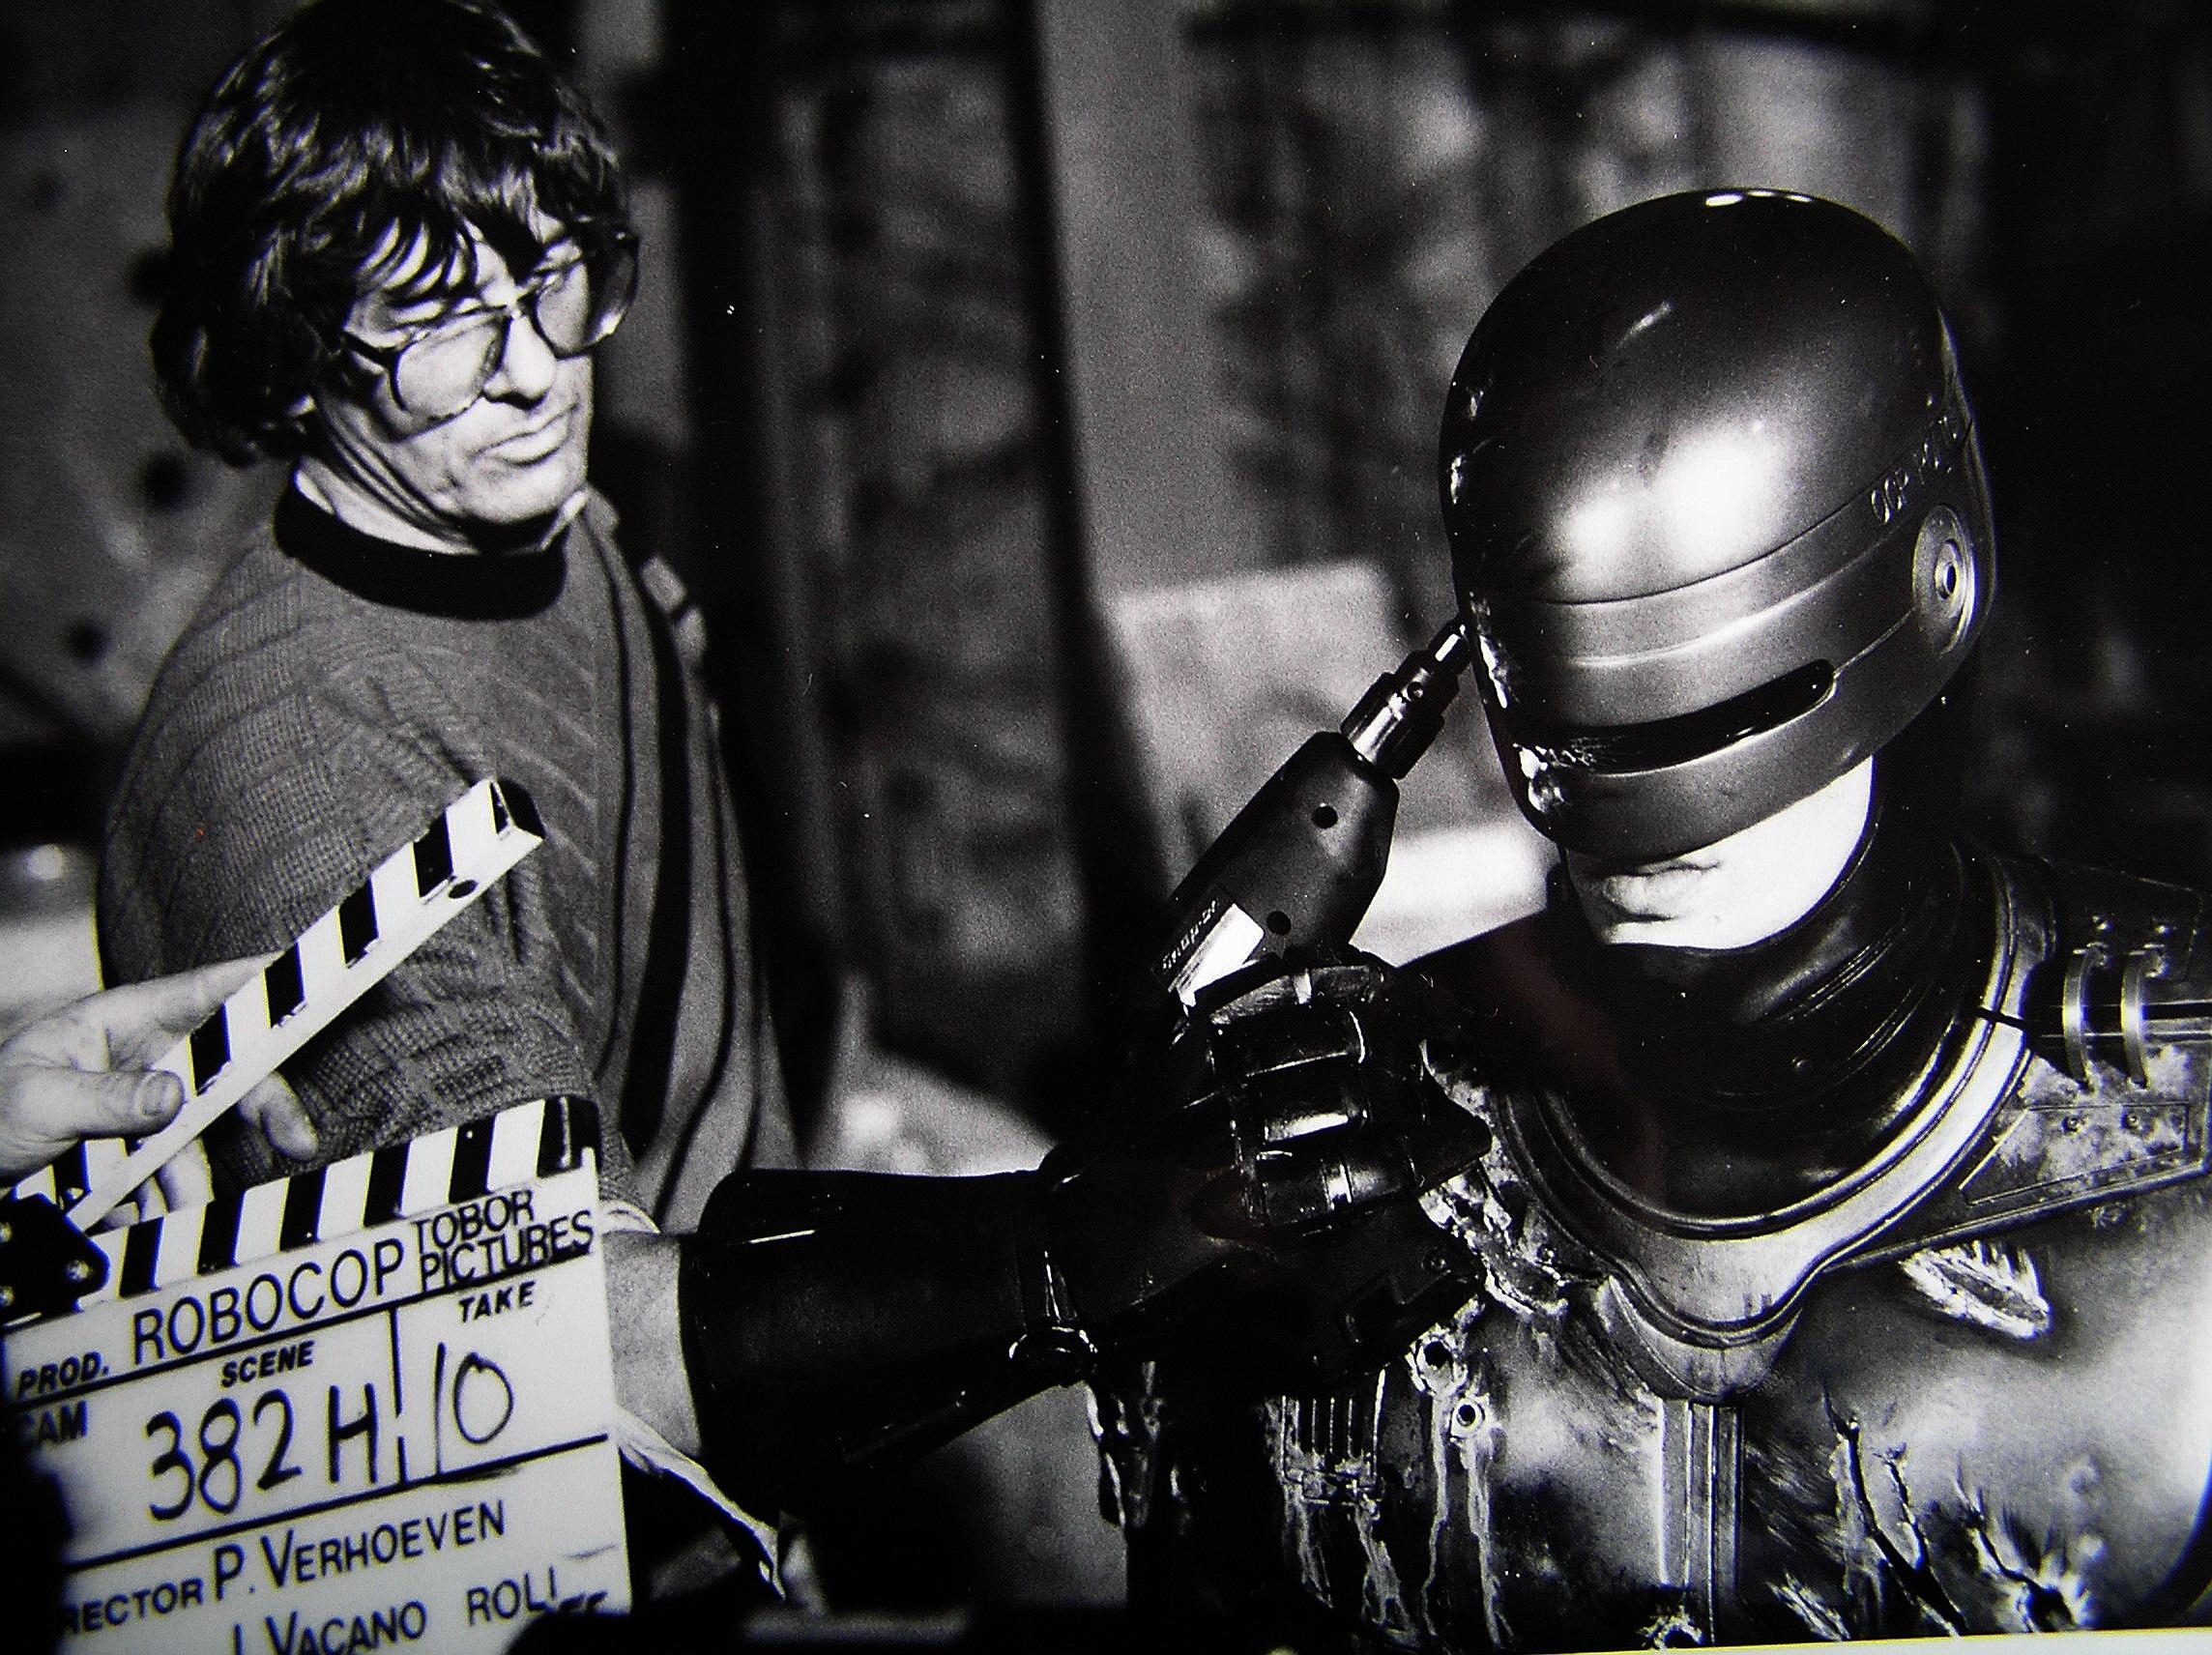 photo tournage coulisse cinema Robocop 55 Photos sur des tournages de films #2